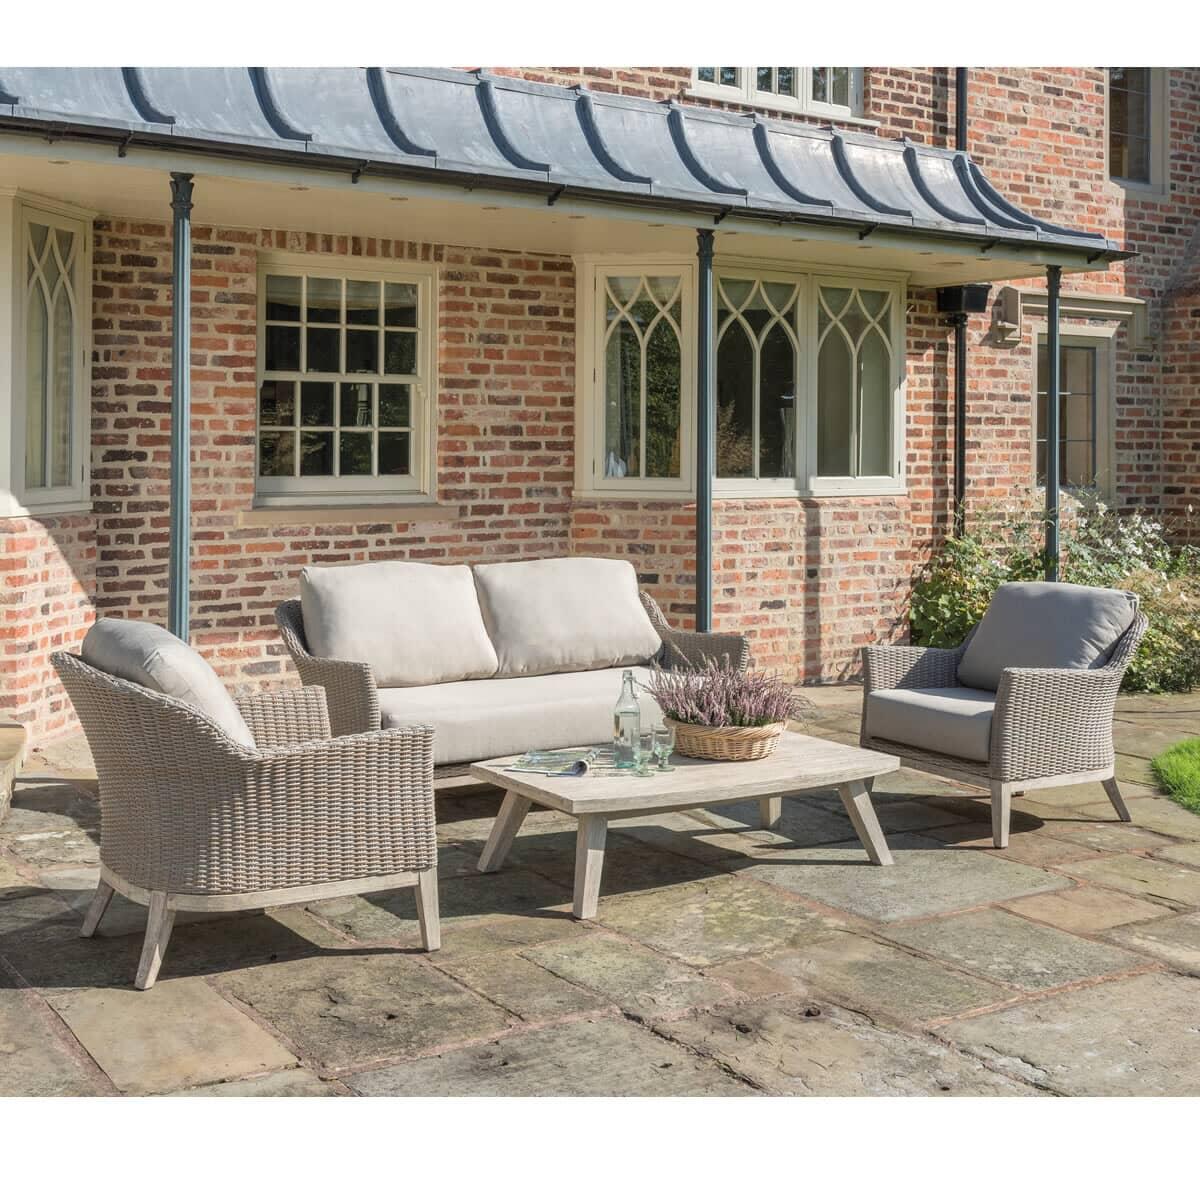 Kettler Cora 2 Seat Sofa Lounge Set Coraset04 Garden